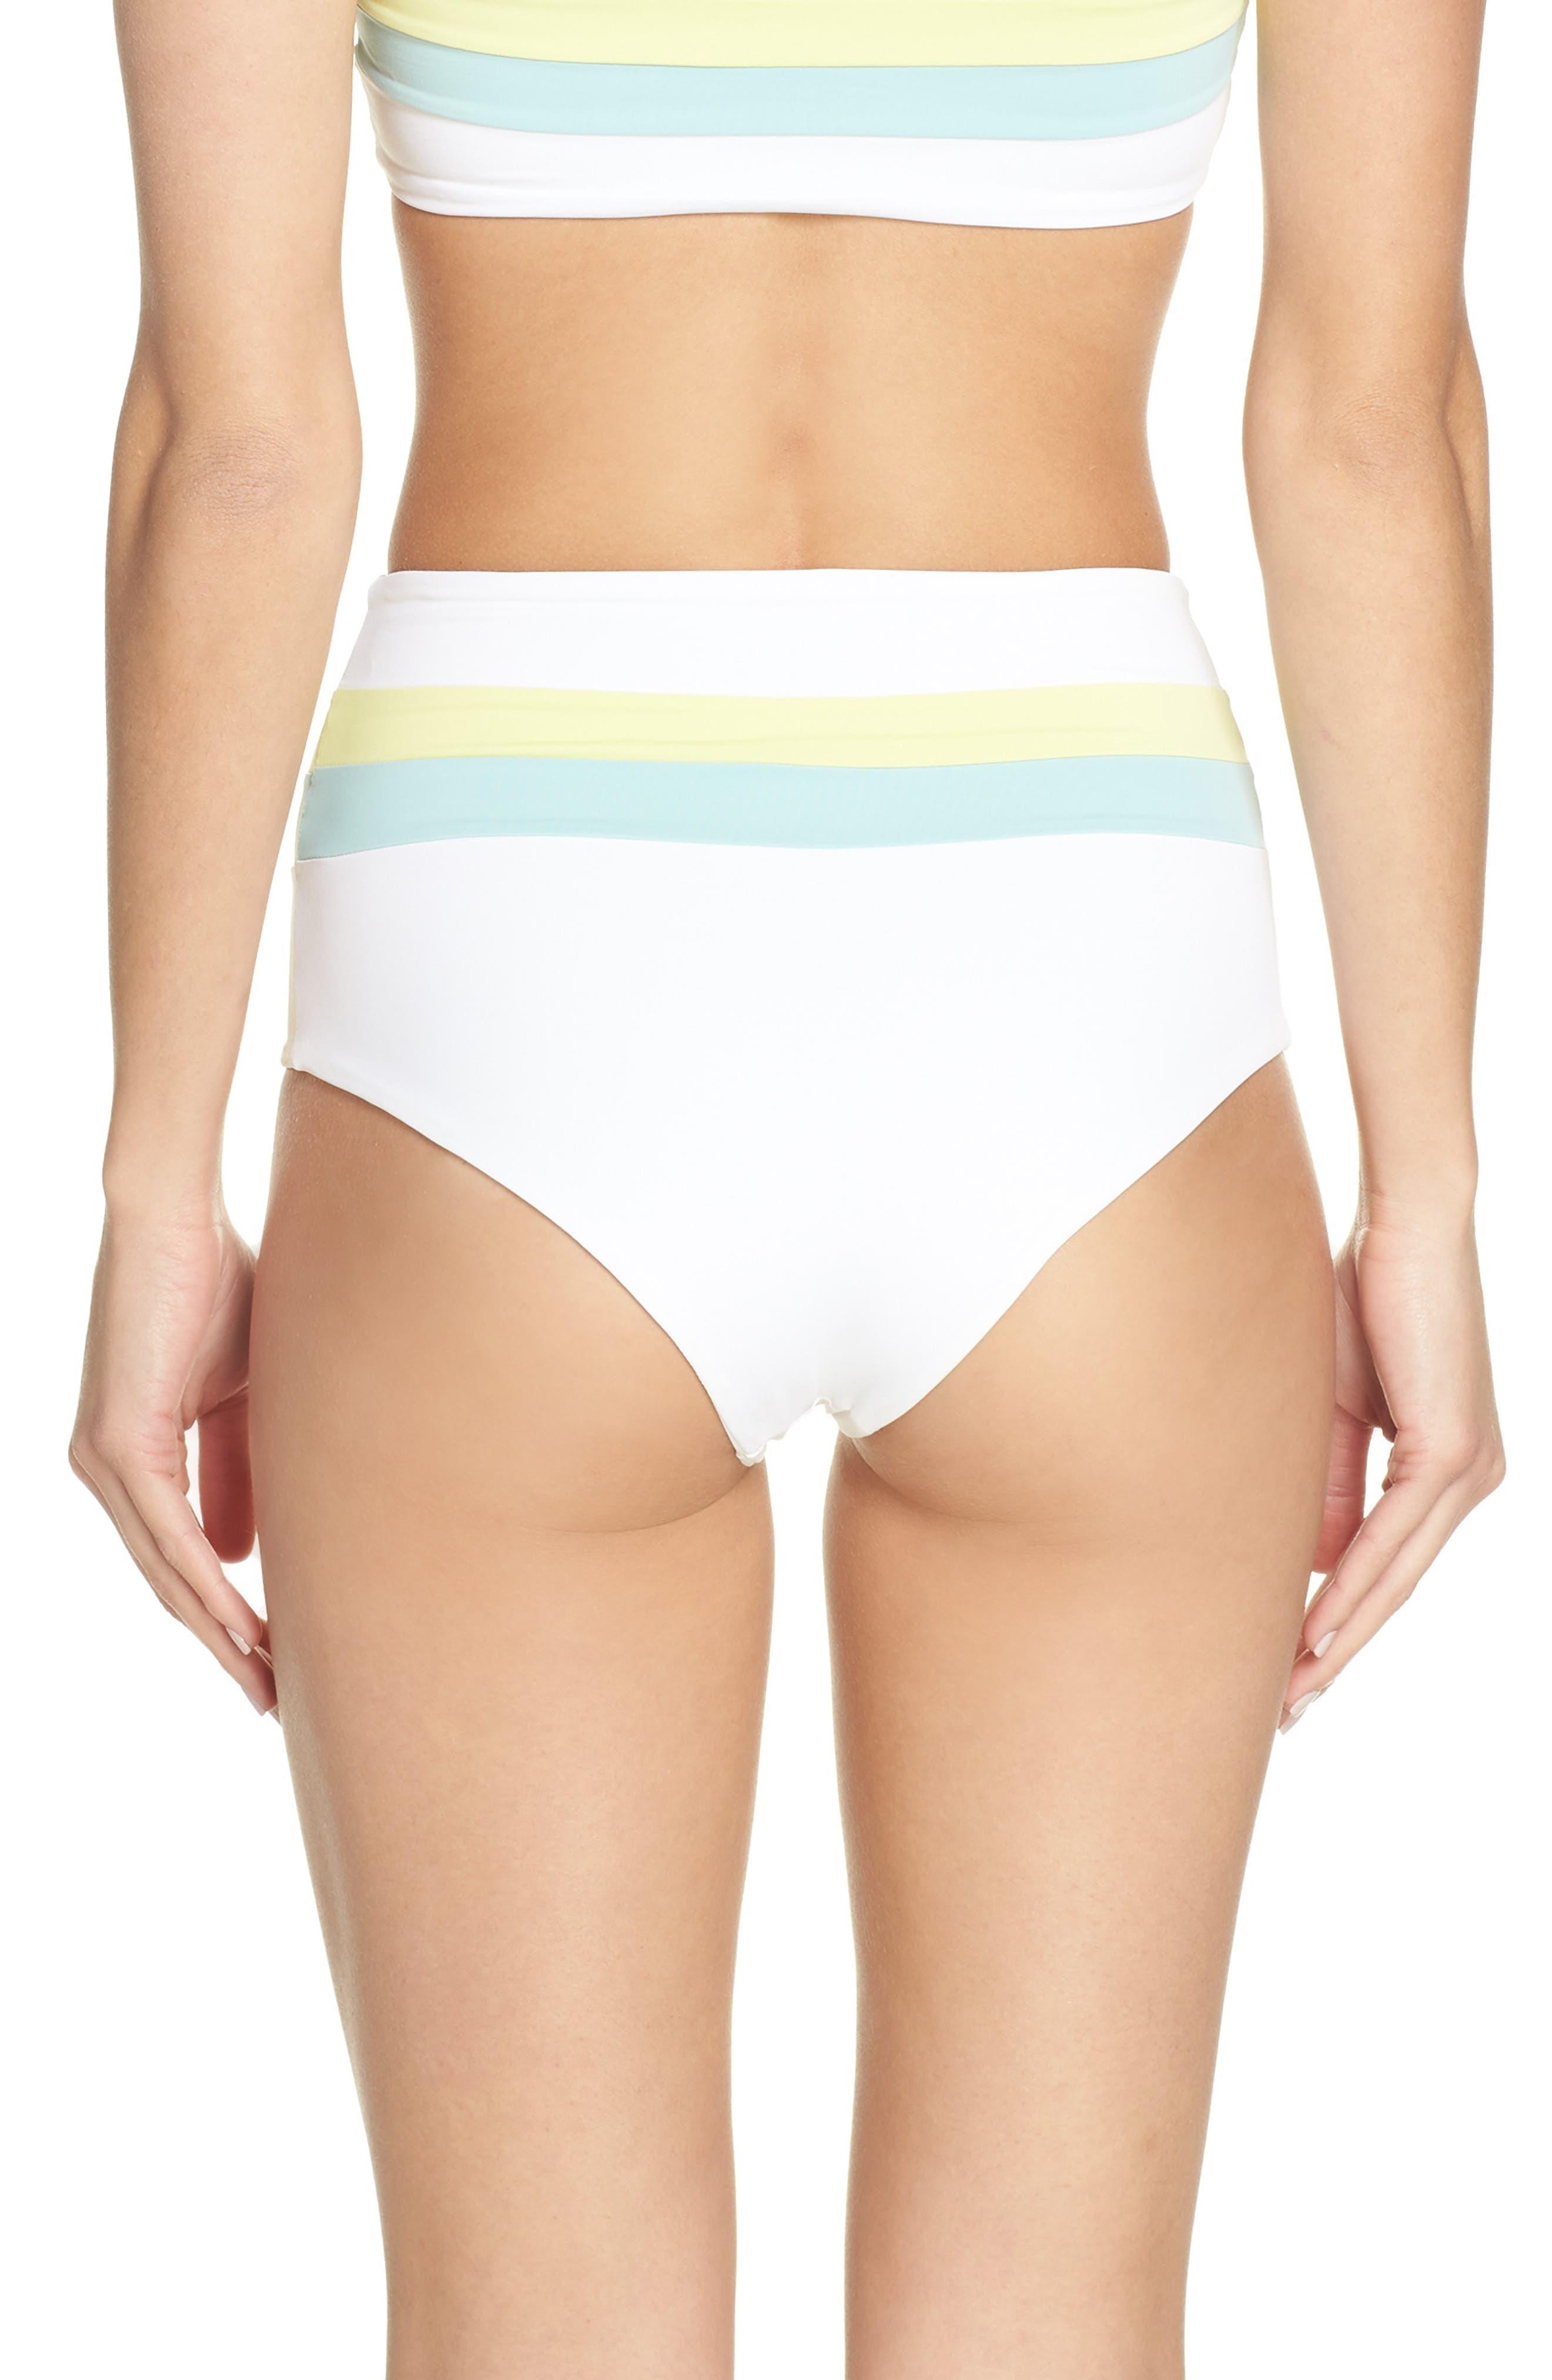 L SPACE, Portia Reversible High Waist Bikini Bottoms, Alternate thumbnail 3, color, WHITE/ LIGHT TURQ/ LEMONADE